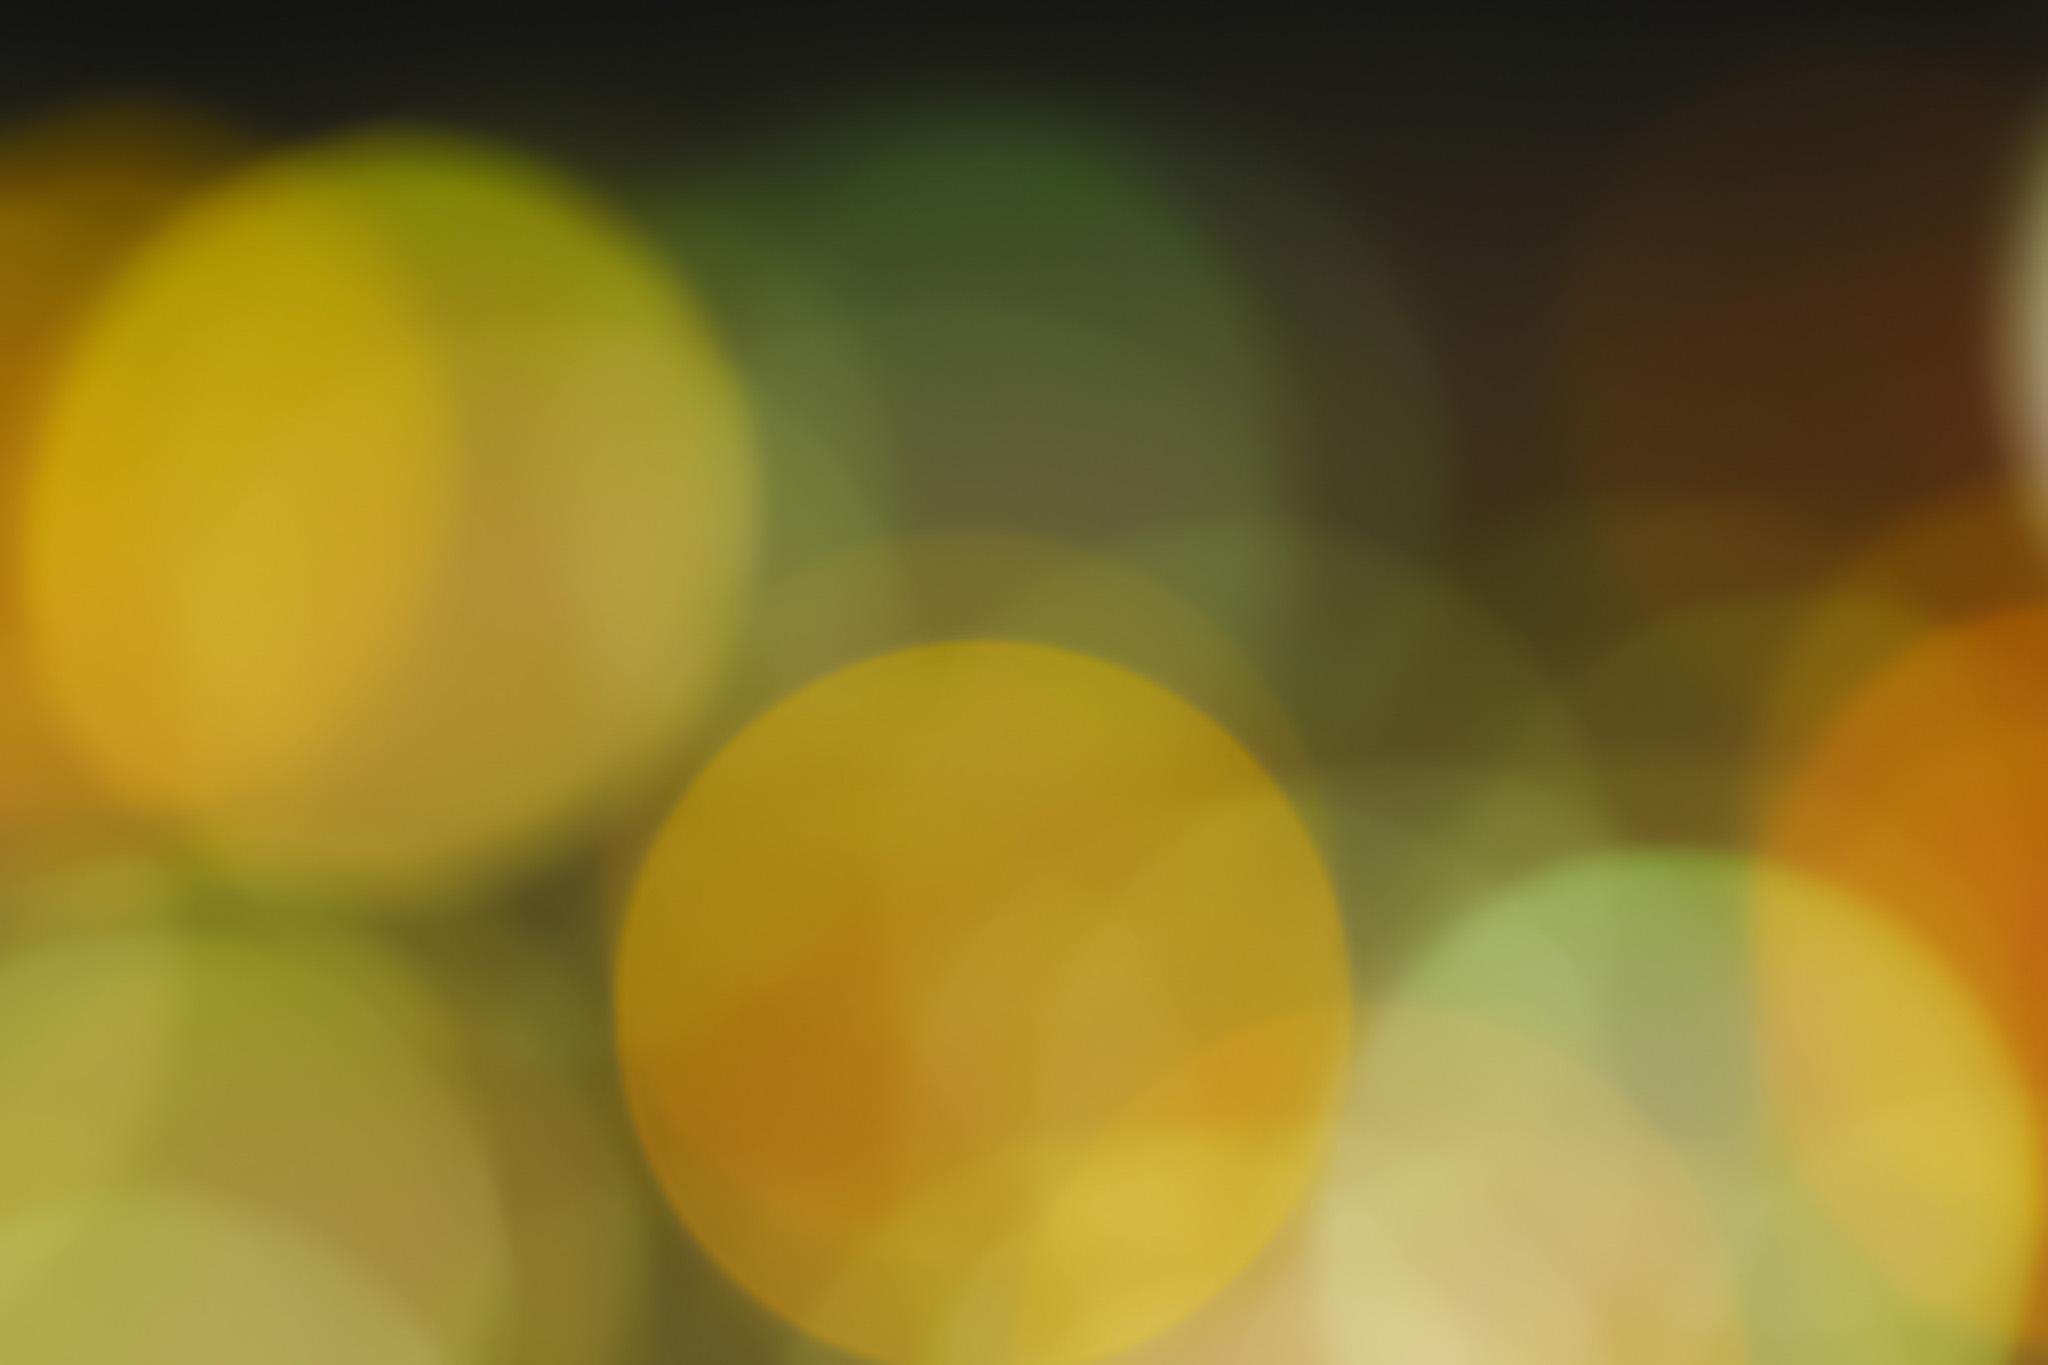 「ほのかに光る黄色のボケ」